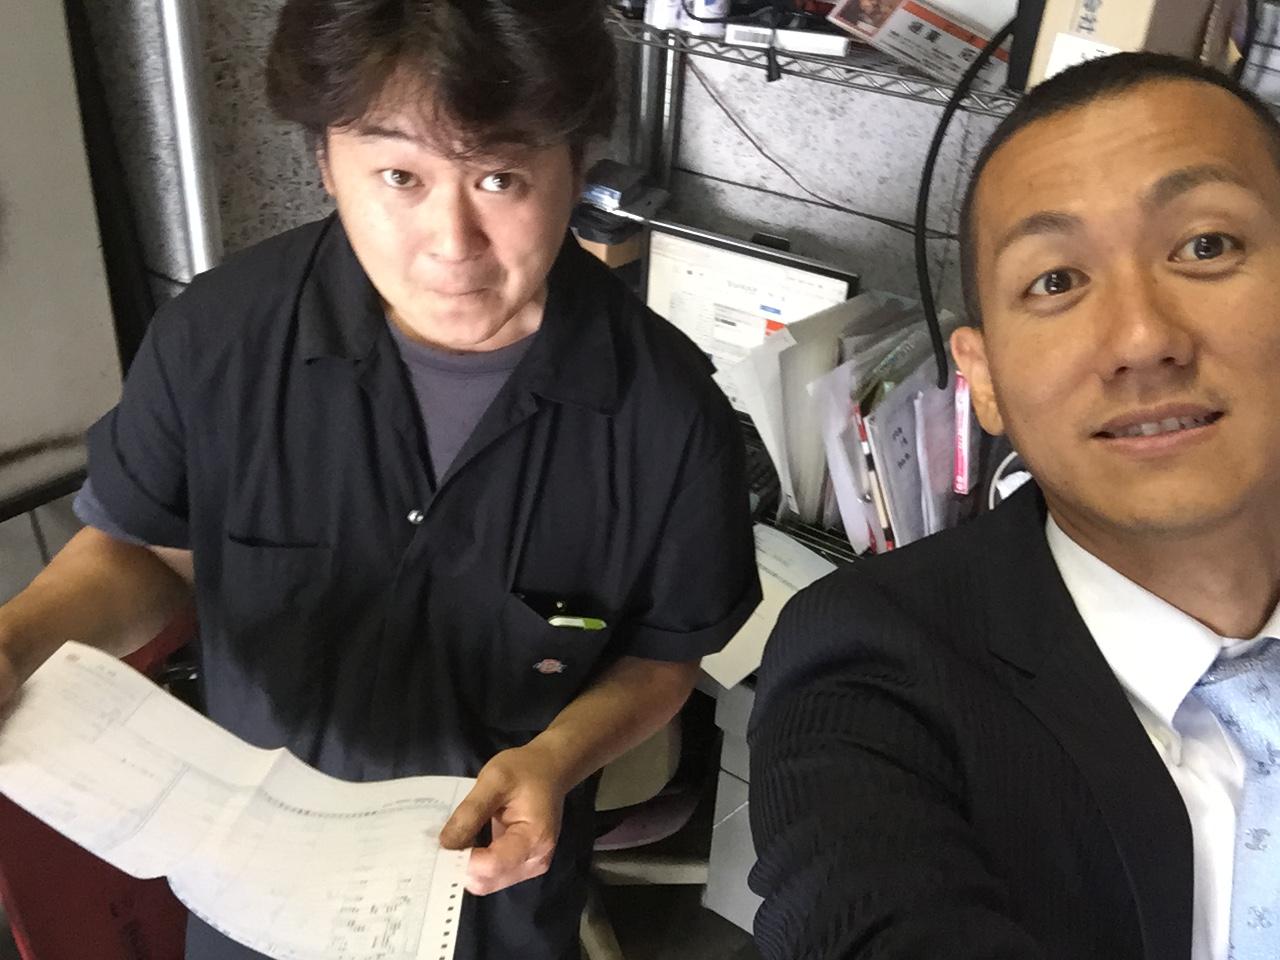 11月30日水曜日のひとログ(。・ω・。) 植東さん卒業!!!今までありがとうございました!_b0127002_1716930.jpg